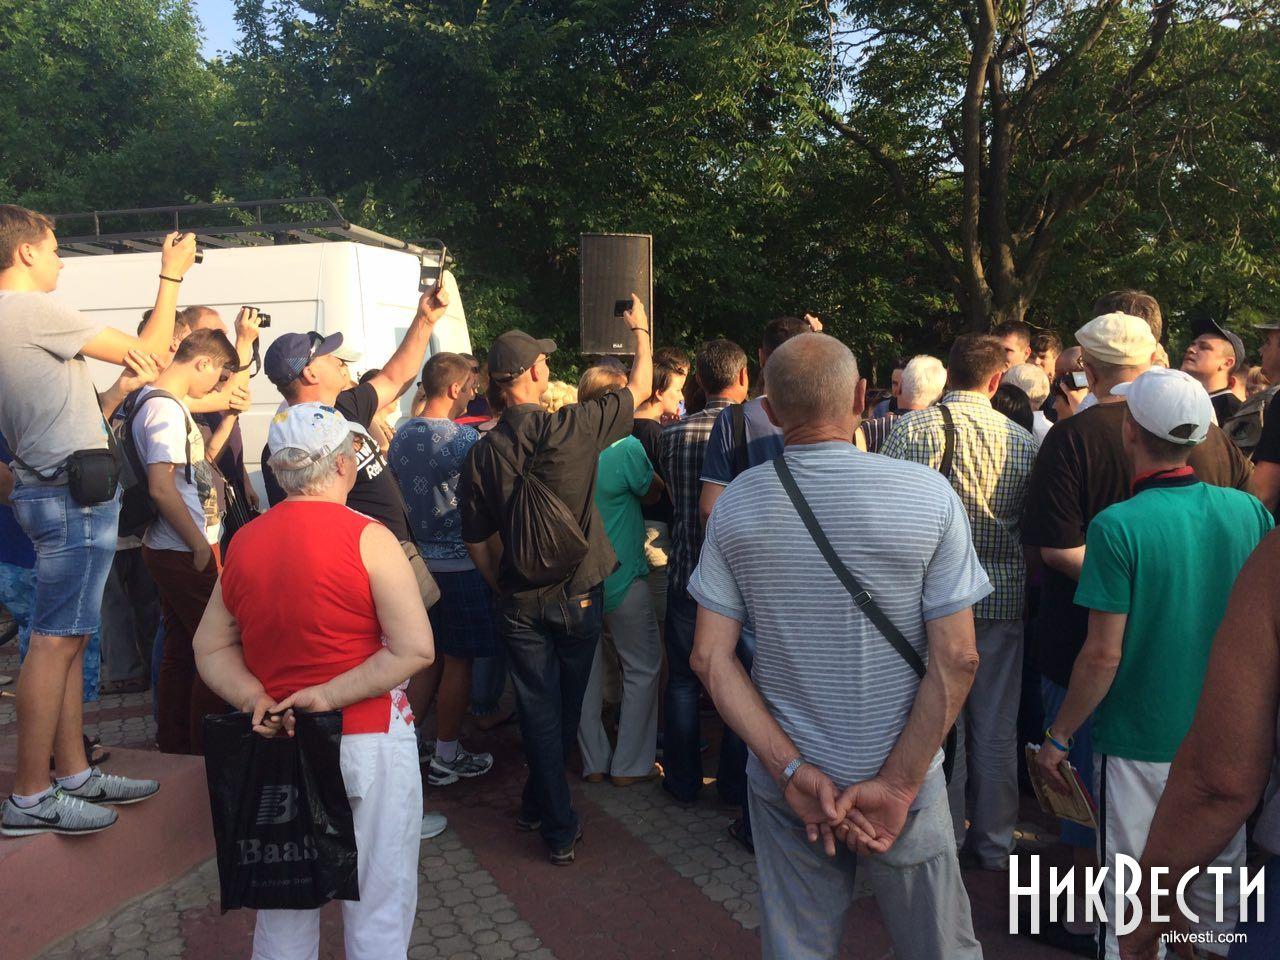 ВНиколаеве забросали яйцами народного депутата Надежду Савченко